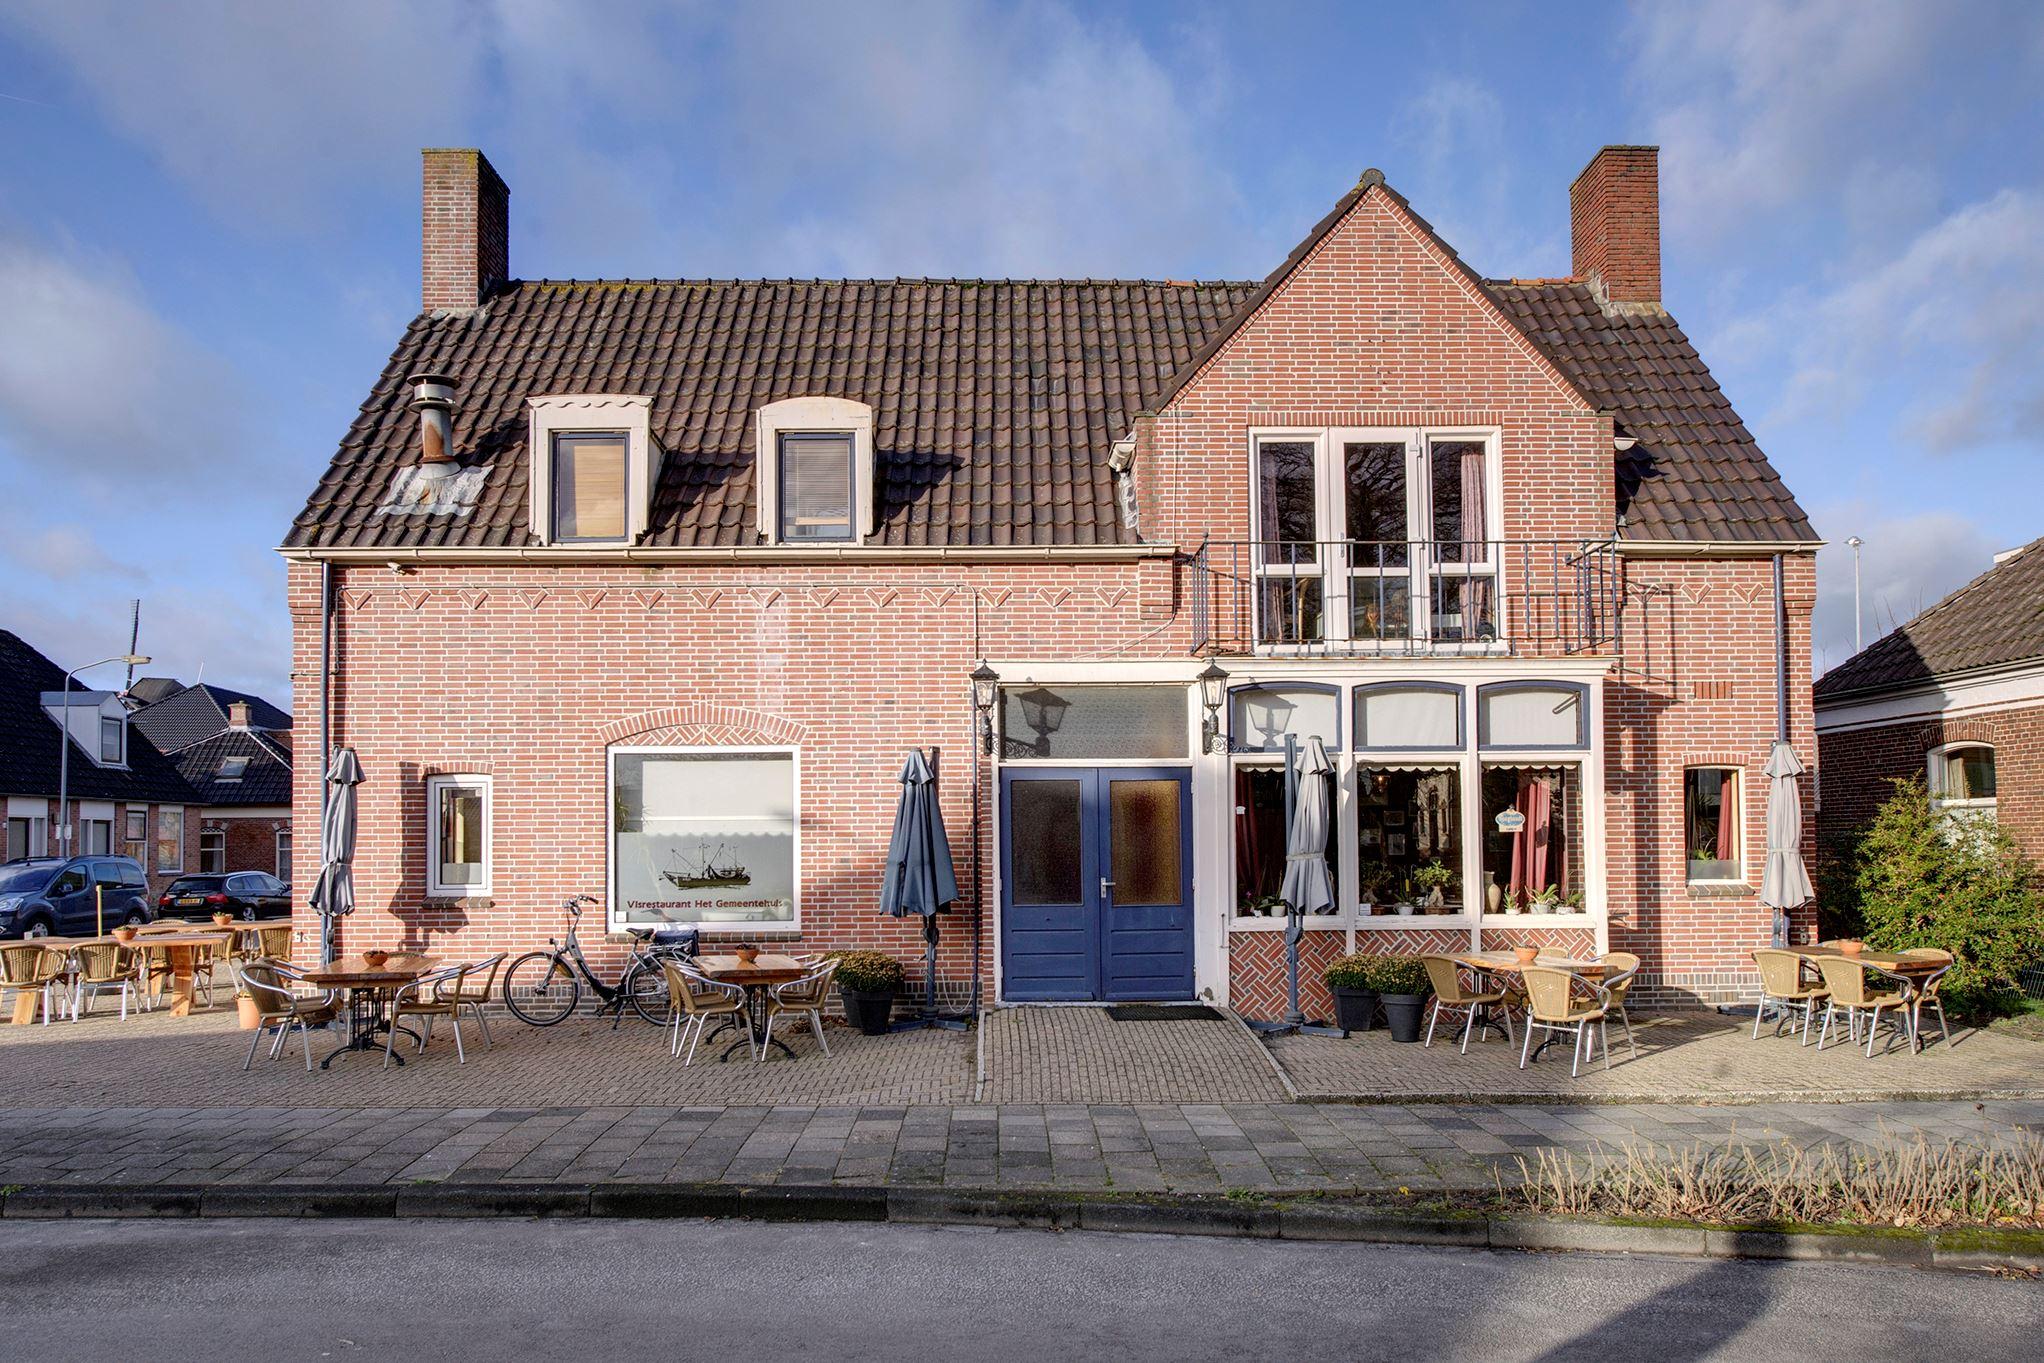 Horeca Keukens Groningen : Horecaruimte Zoek horeca te koop Groningen [funda in